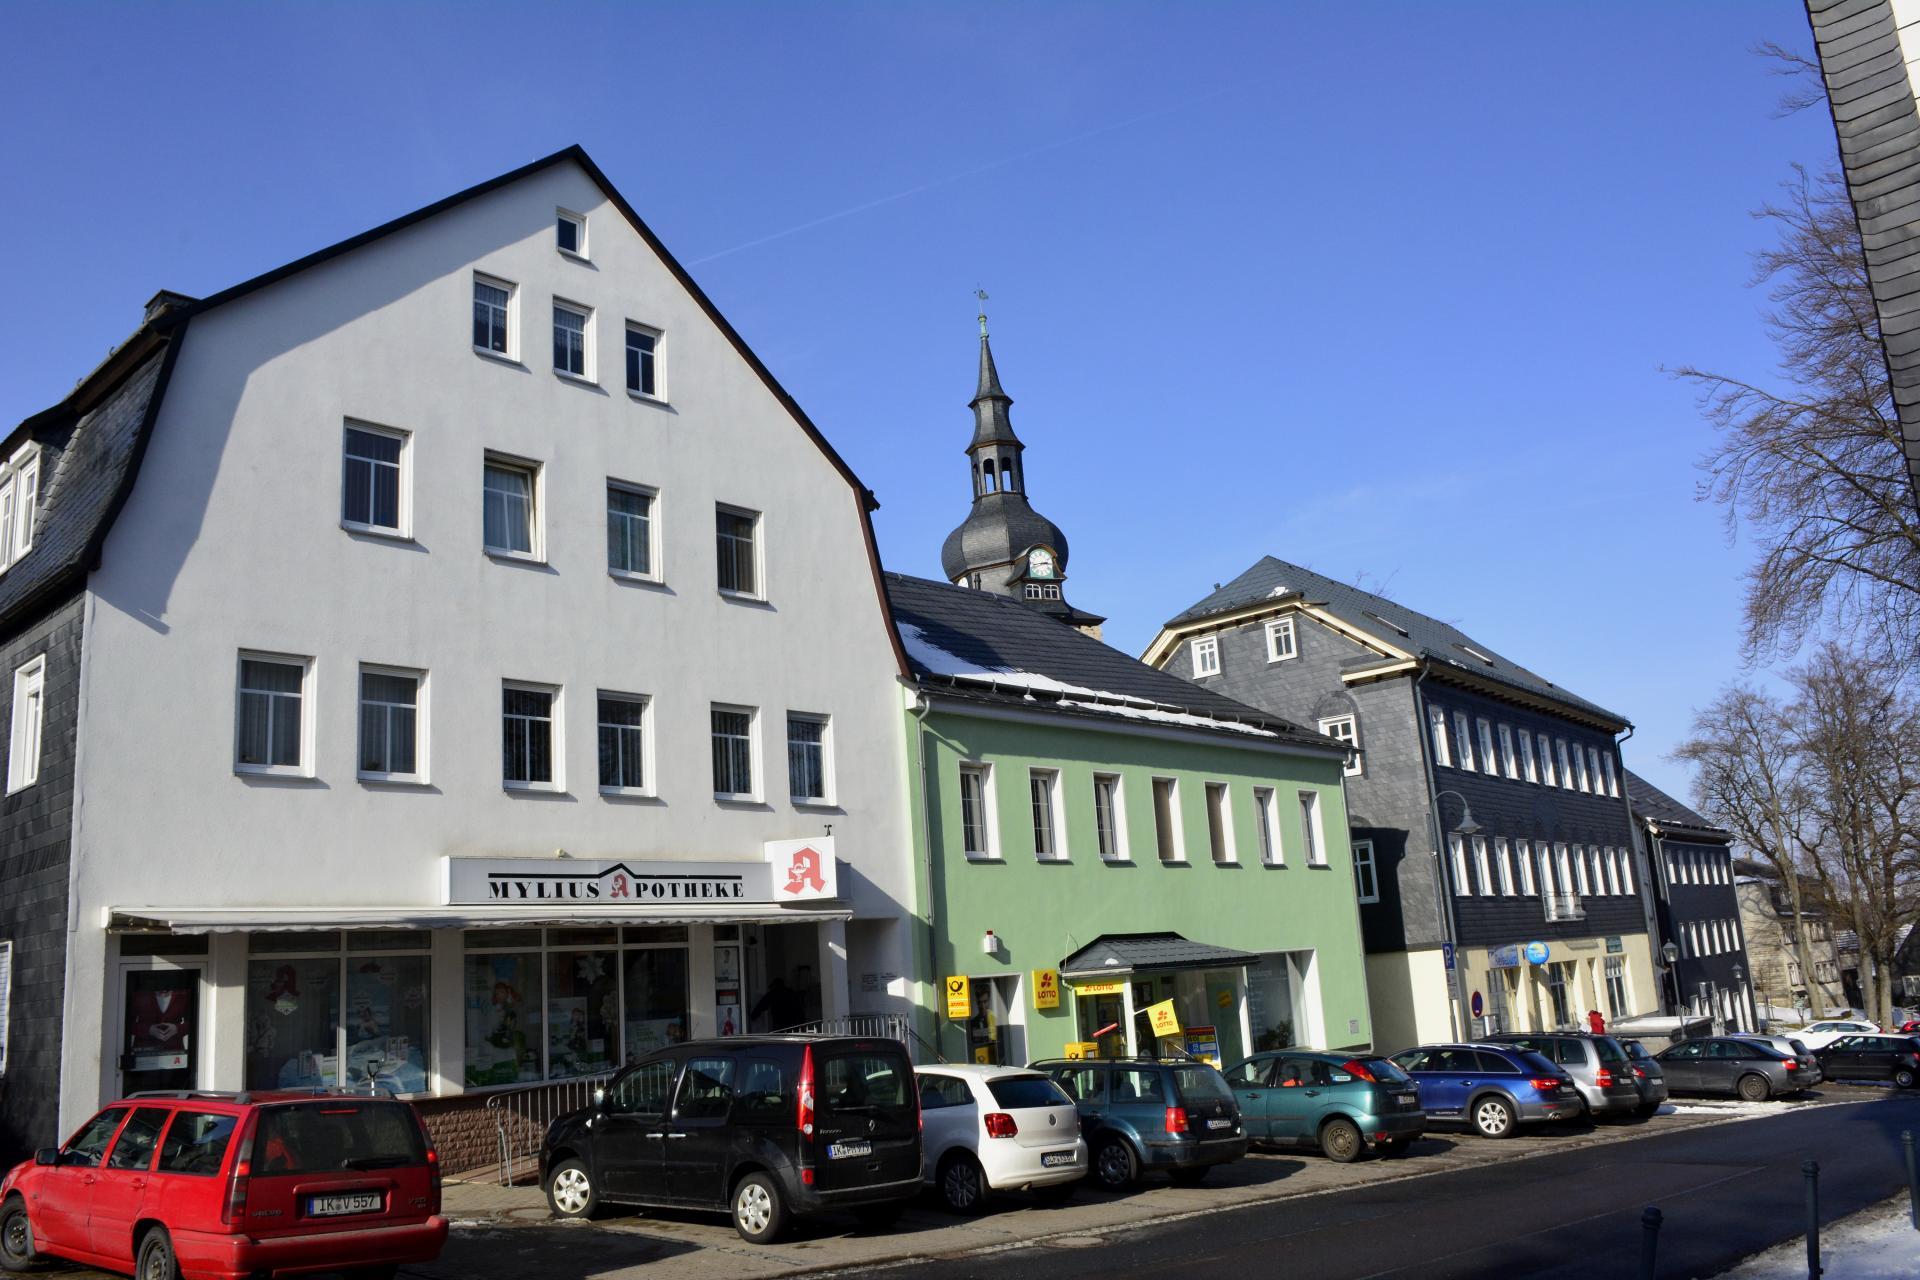 Altstadtbereich Großbreitenbach mit Glockenturm und Geschäftsbereichen